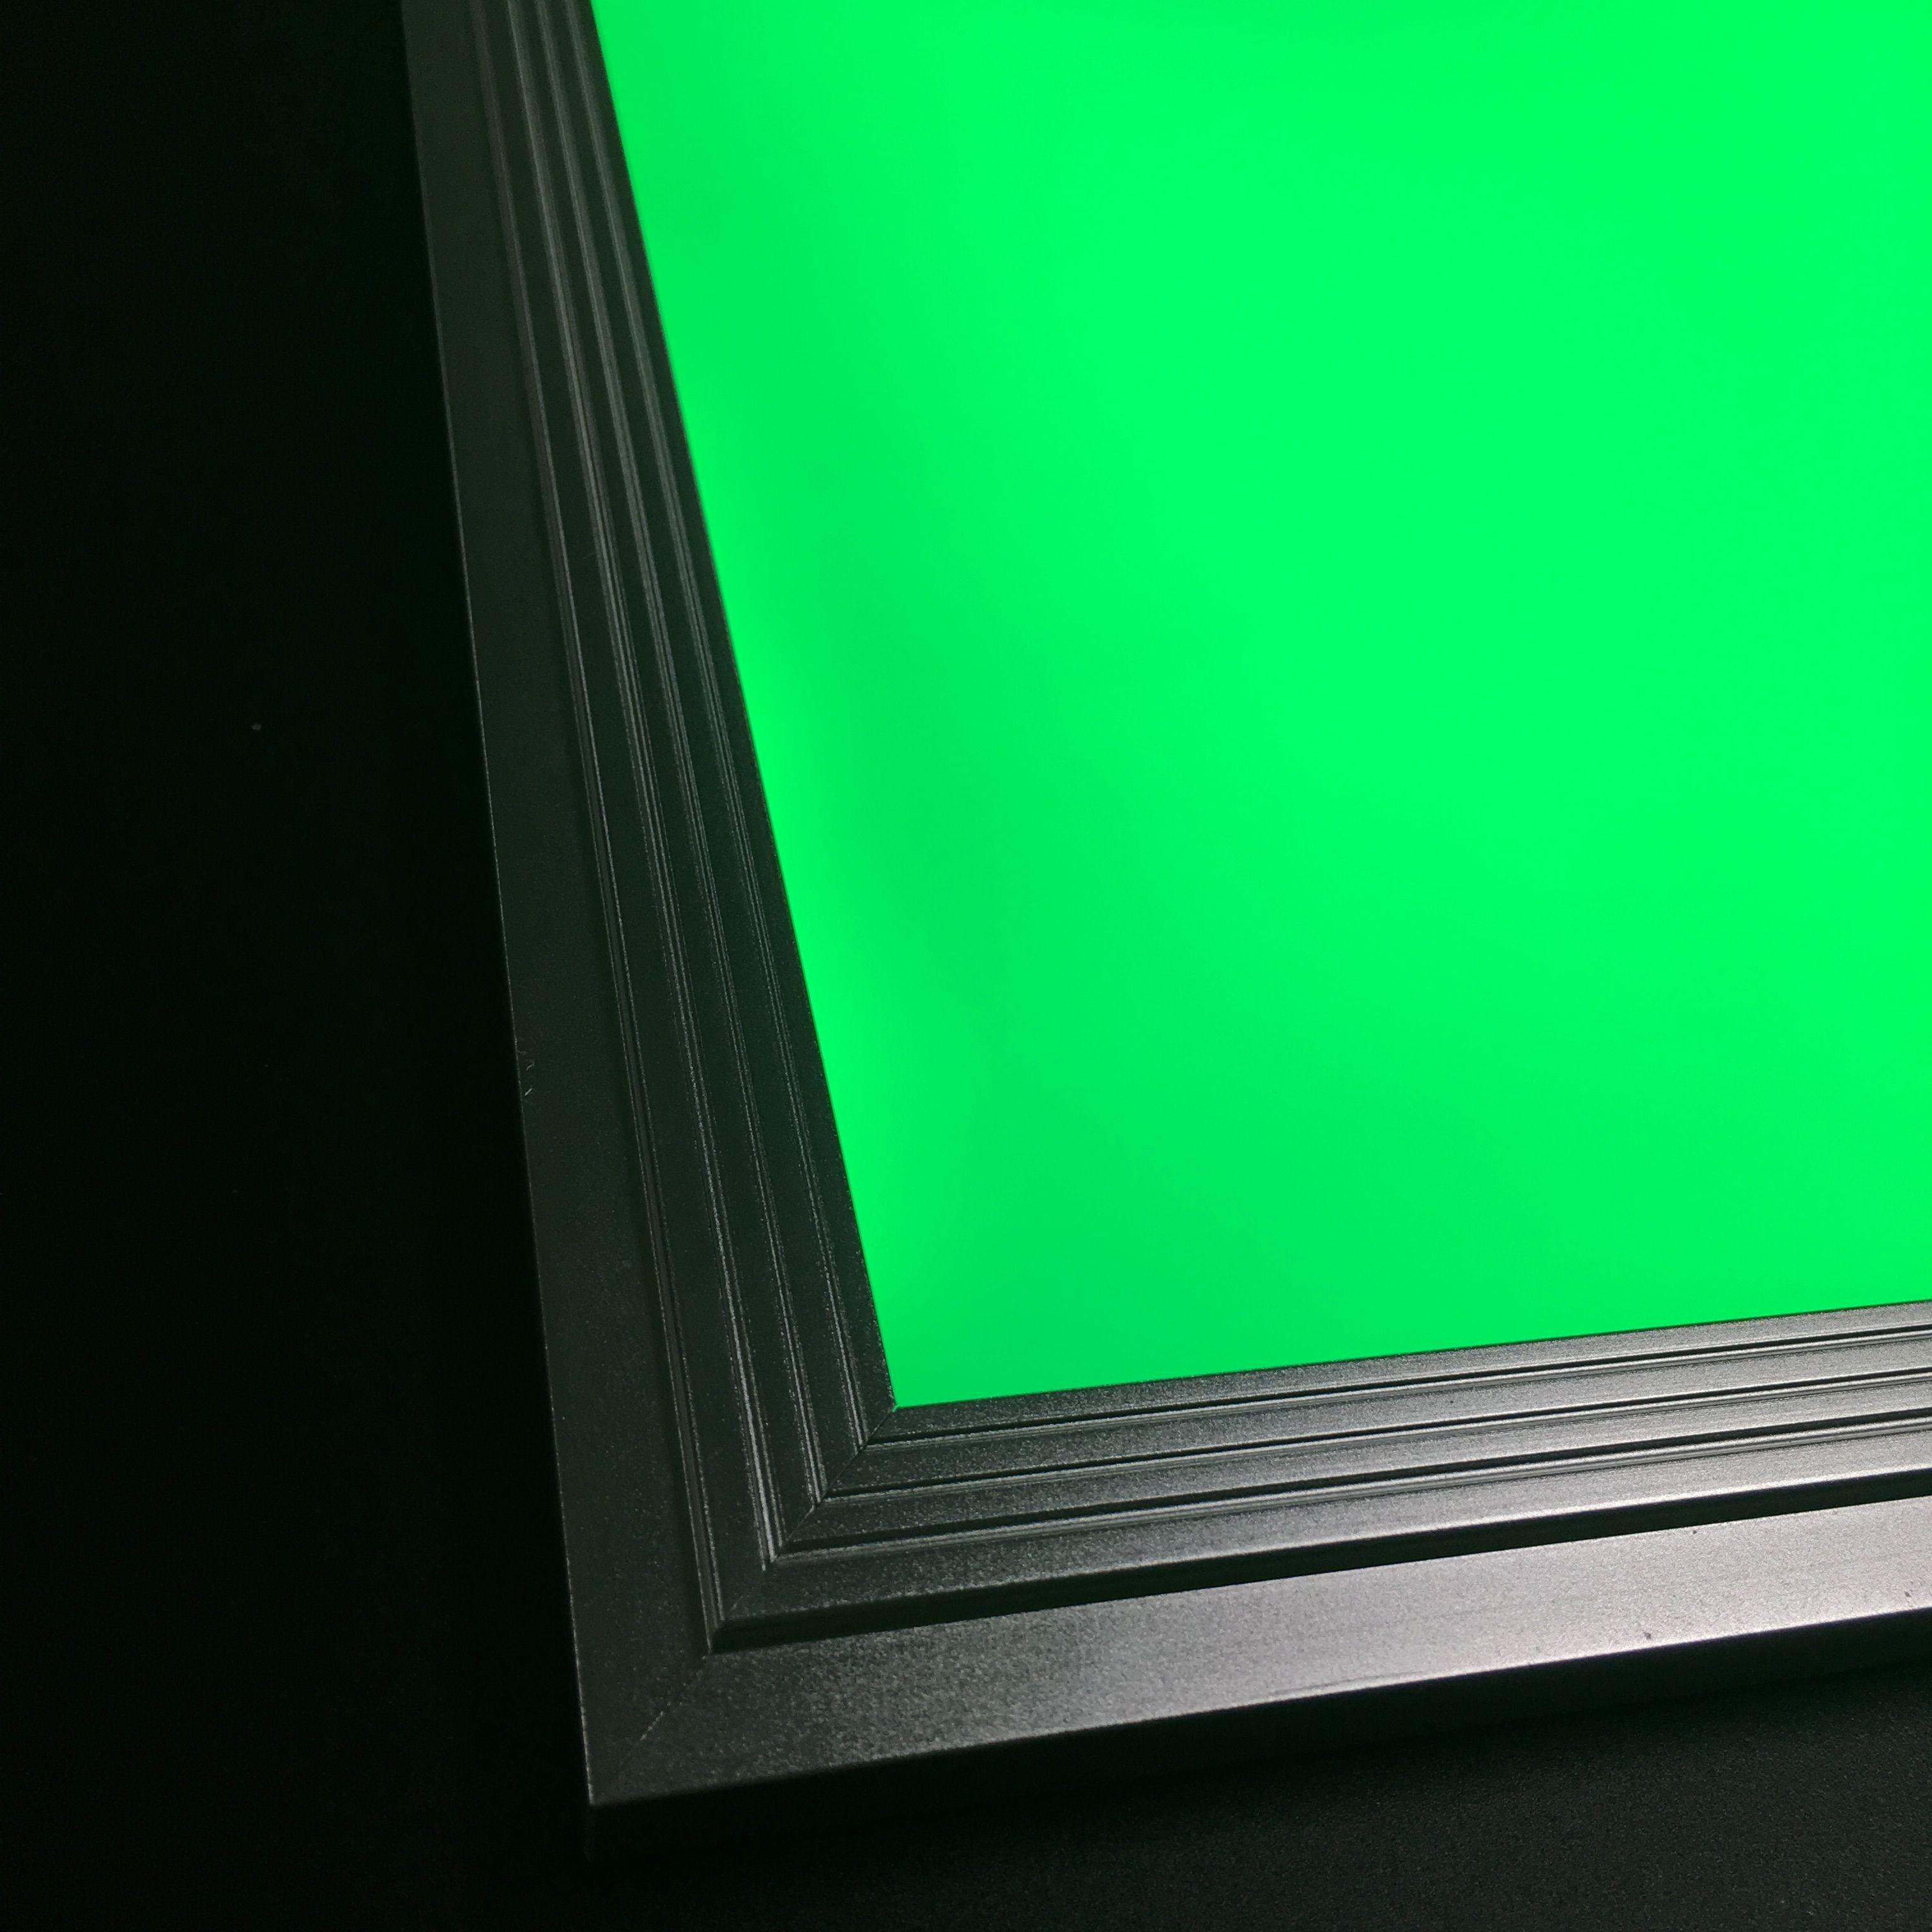 Envío gratis RGB Color ajustable y regulable LED Panel Light 300x300mm con control remoto inalámbrico de aluminio + material de PMMA